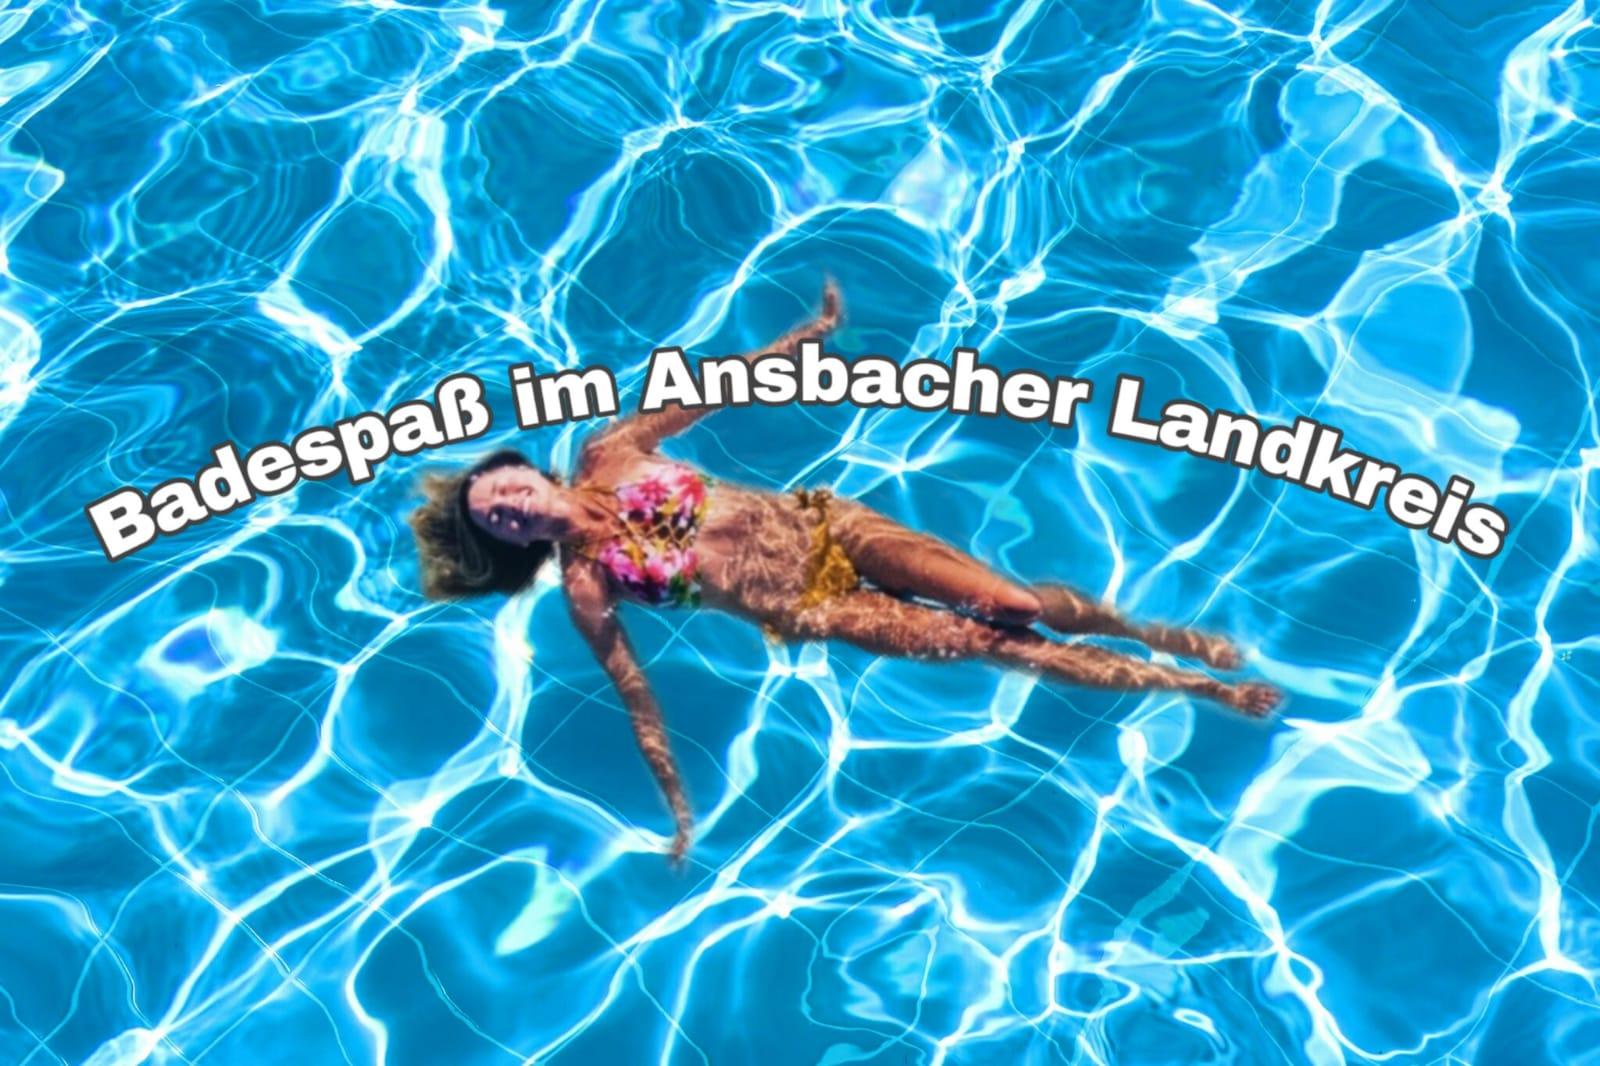 Freibader Und Badeseen Im Landkreis Ansbach Frankischer De